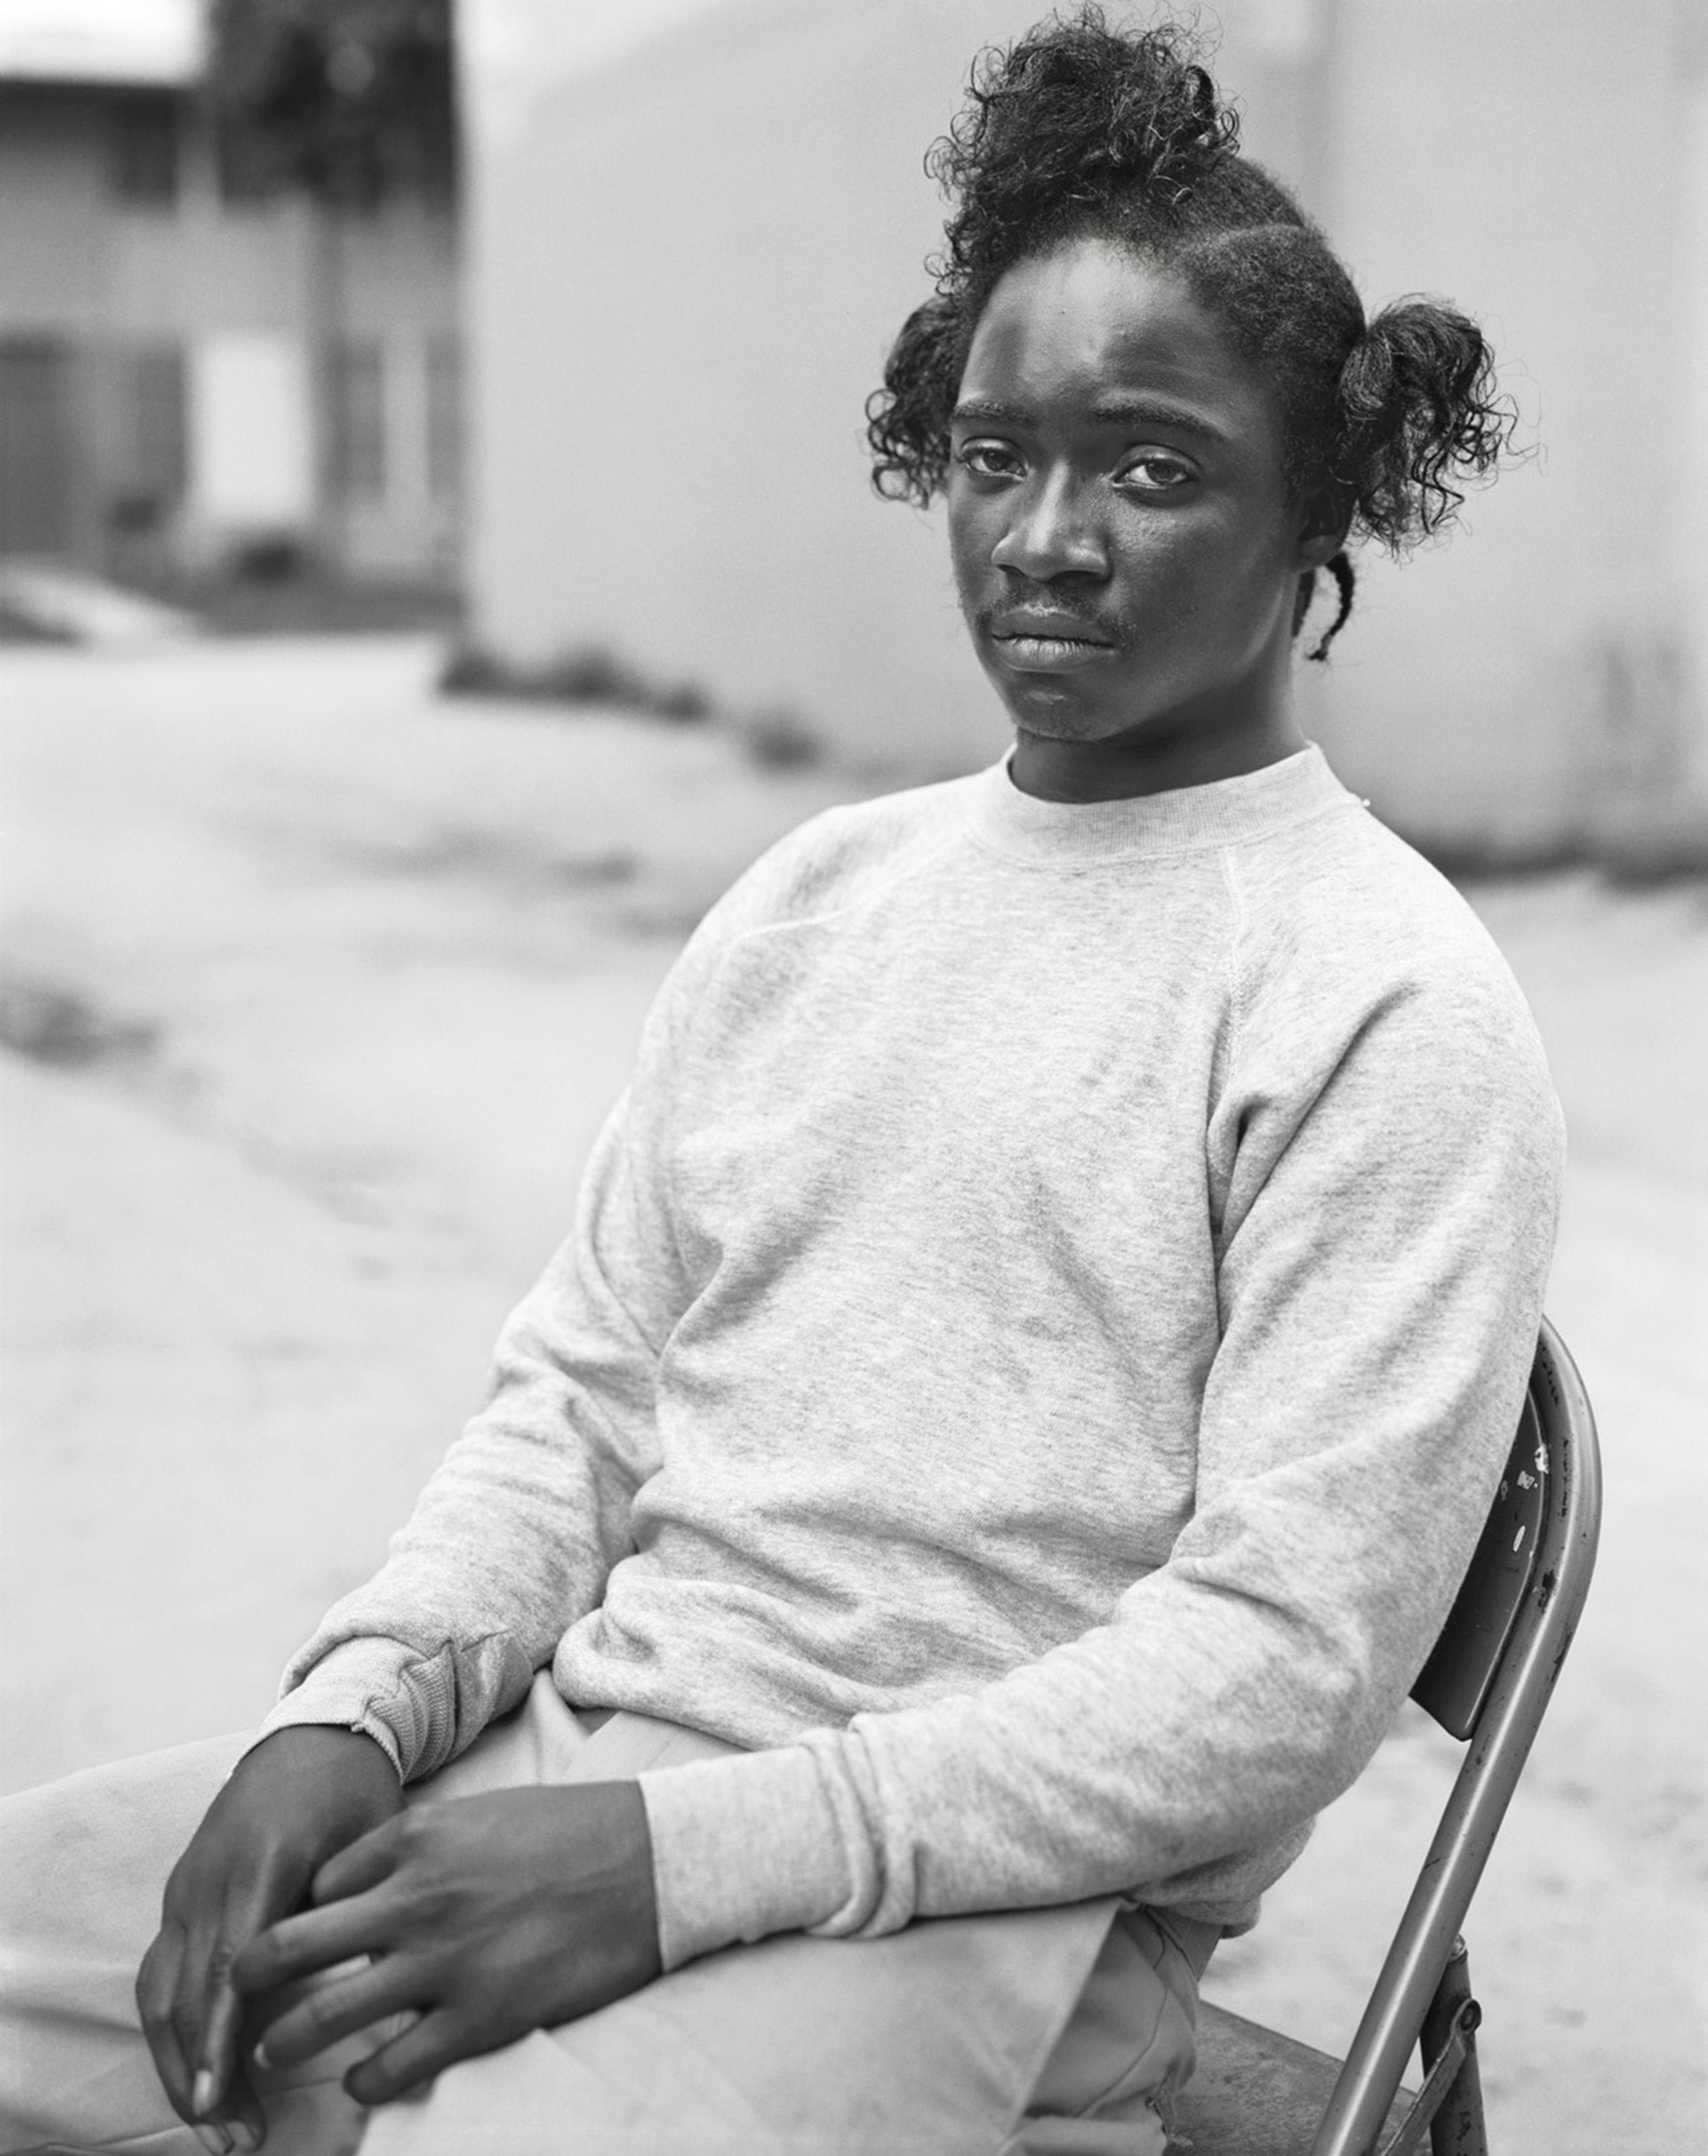 Toussaint, 1993